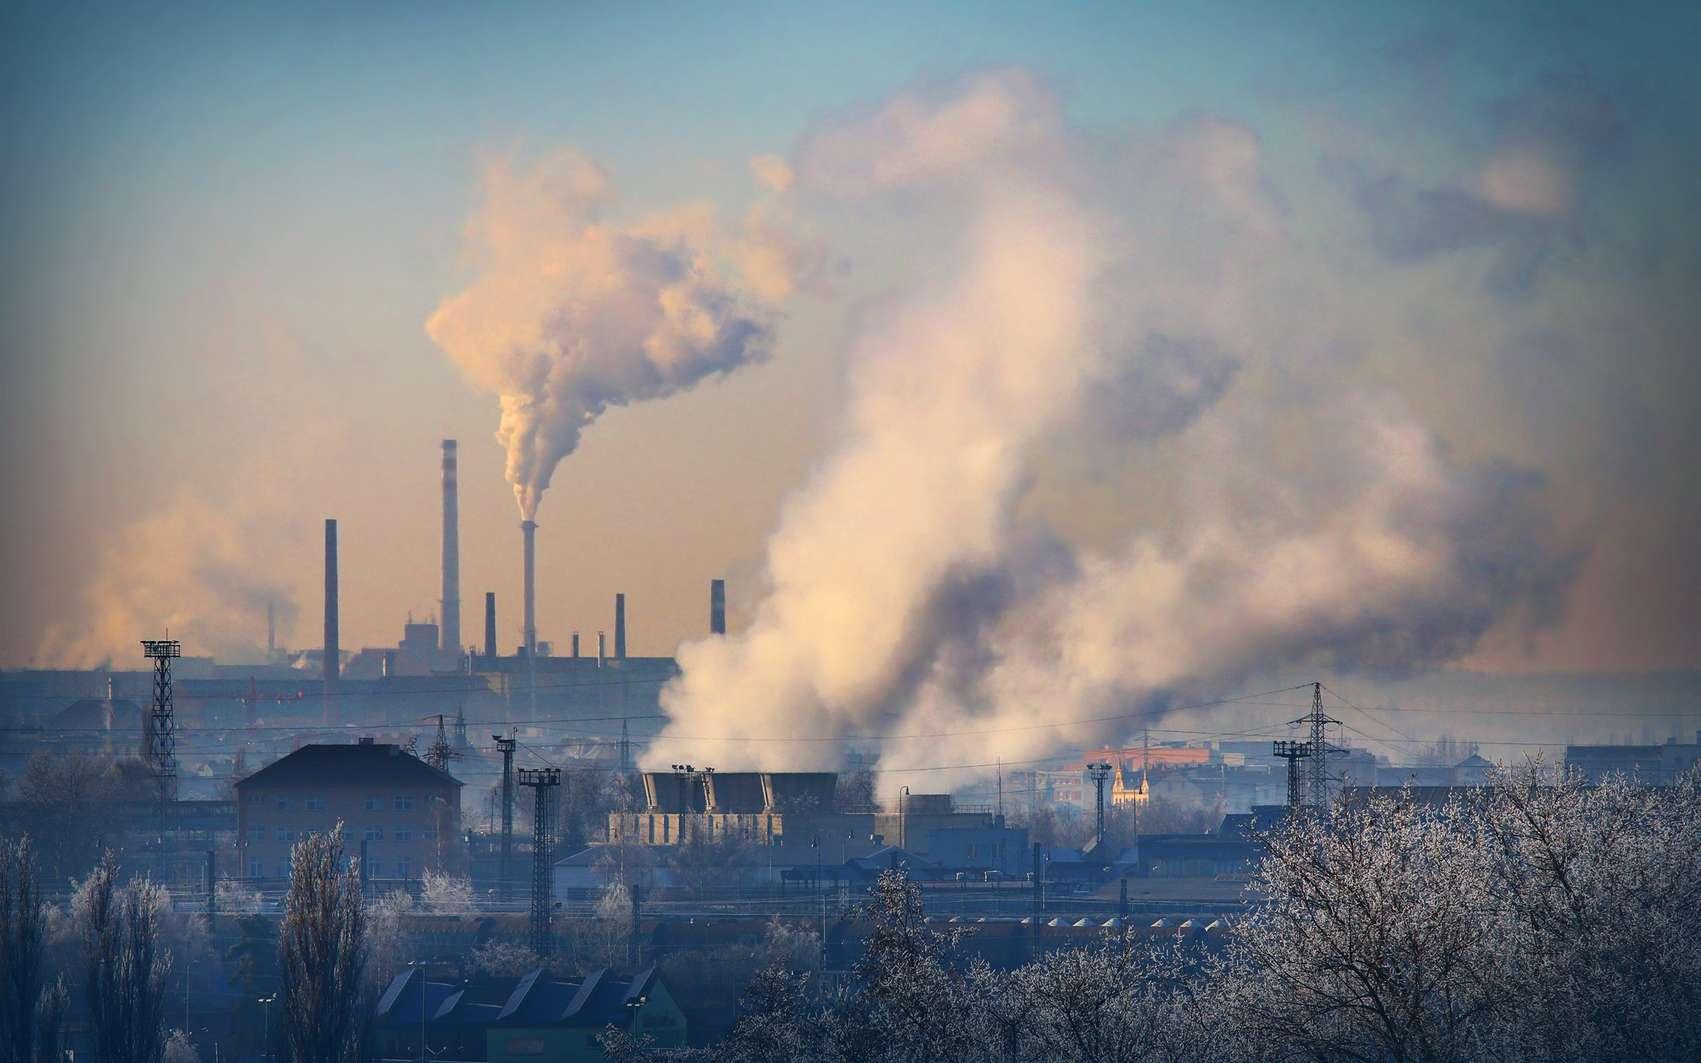 Mauvaise nouvelle pour la Chine : ses efforts pour réduire la pollution de l'air auraient contribué au réchauffement climatique de manière imprévue. © Kletr, Fotolia